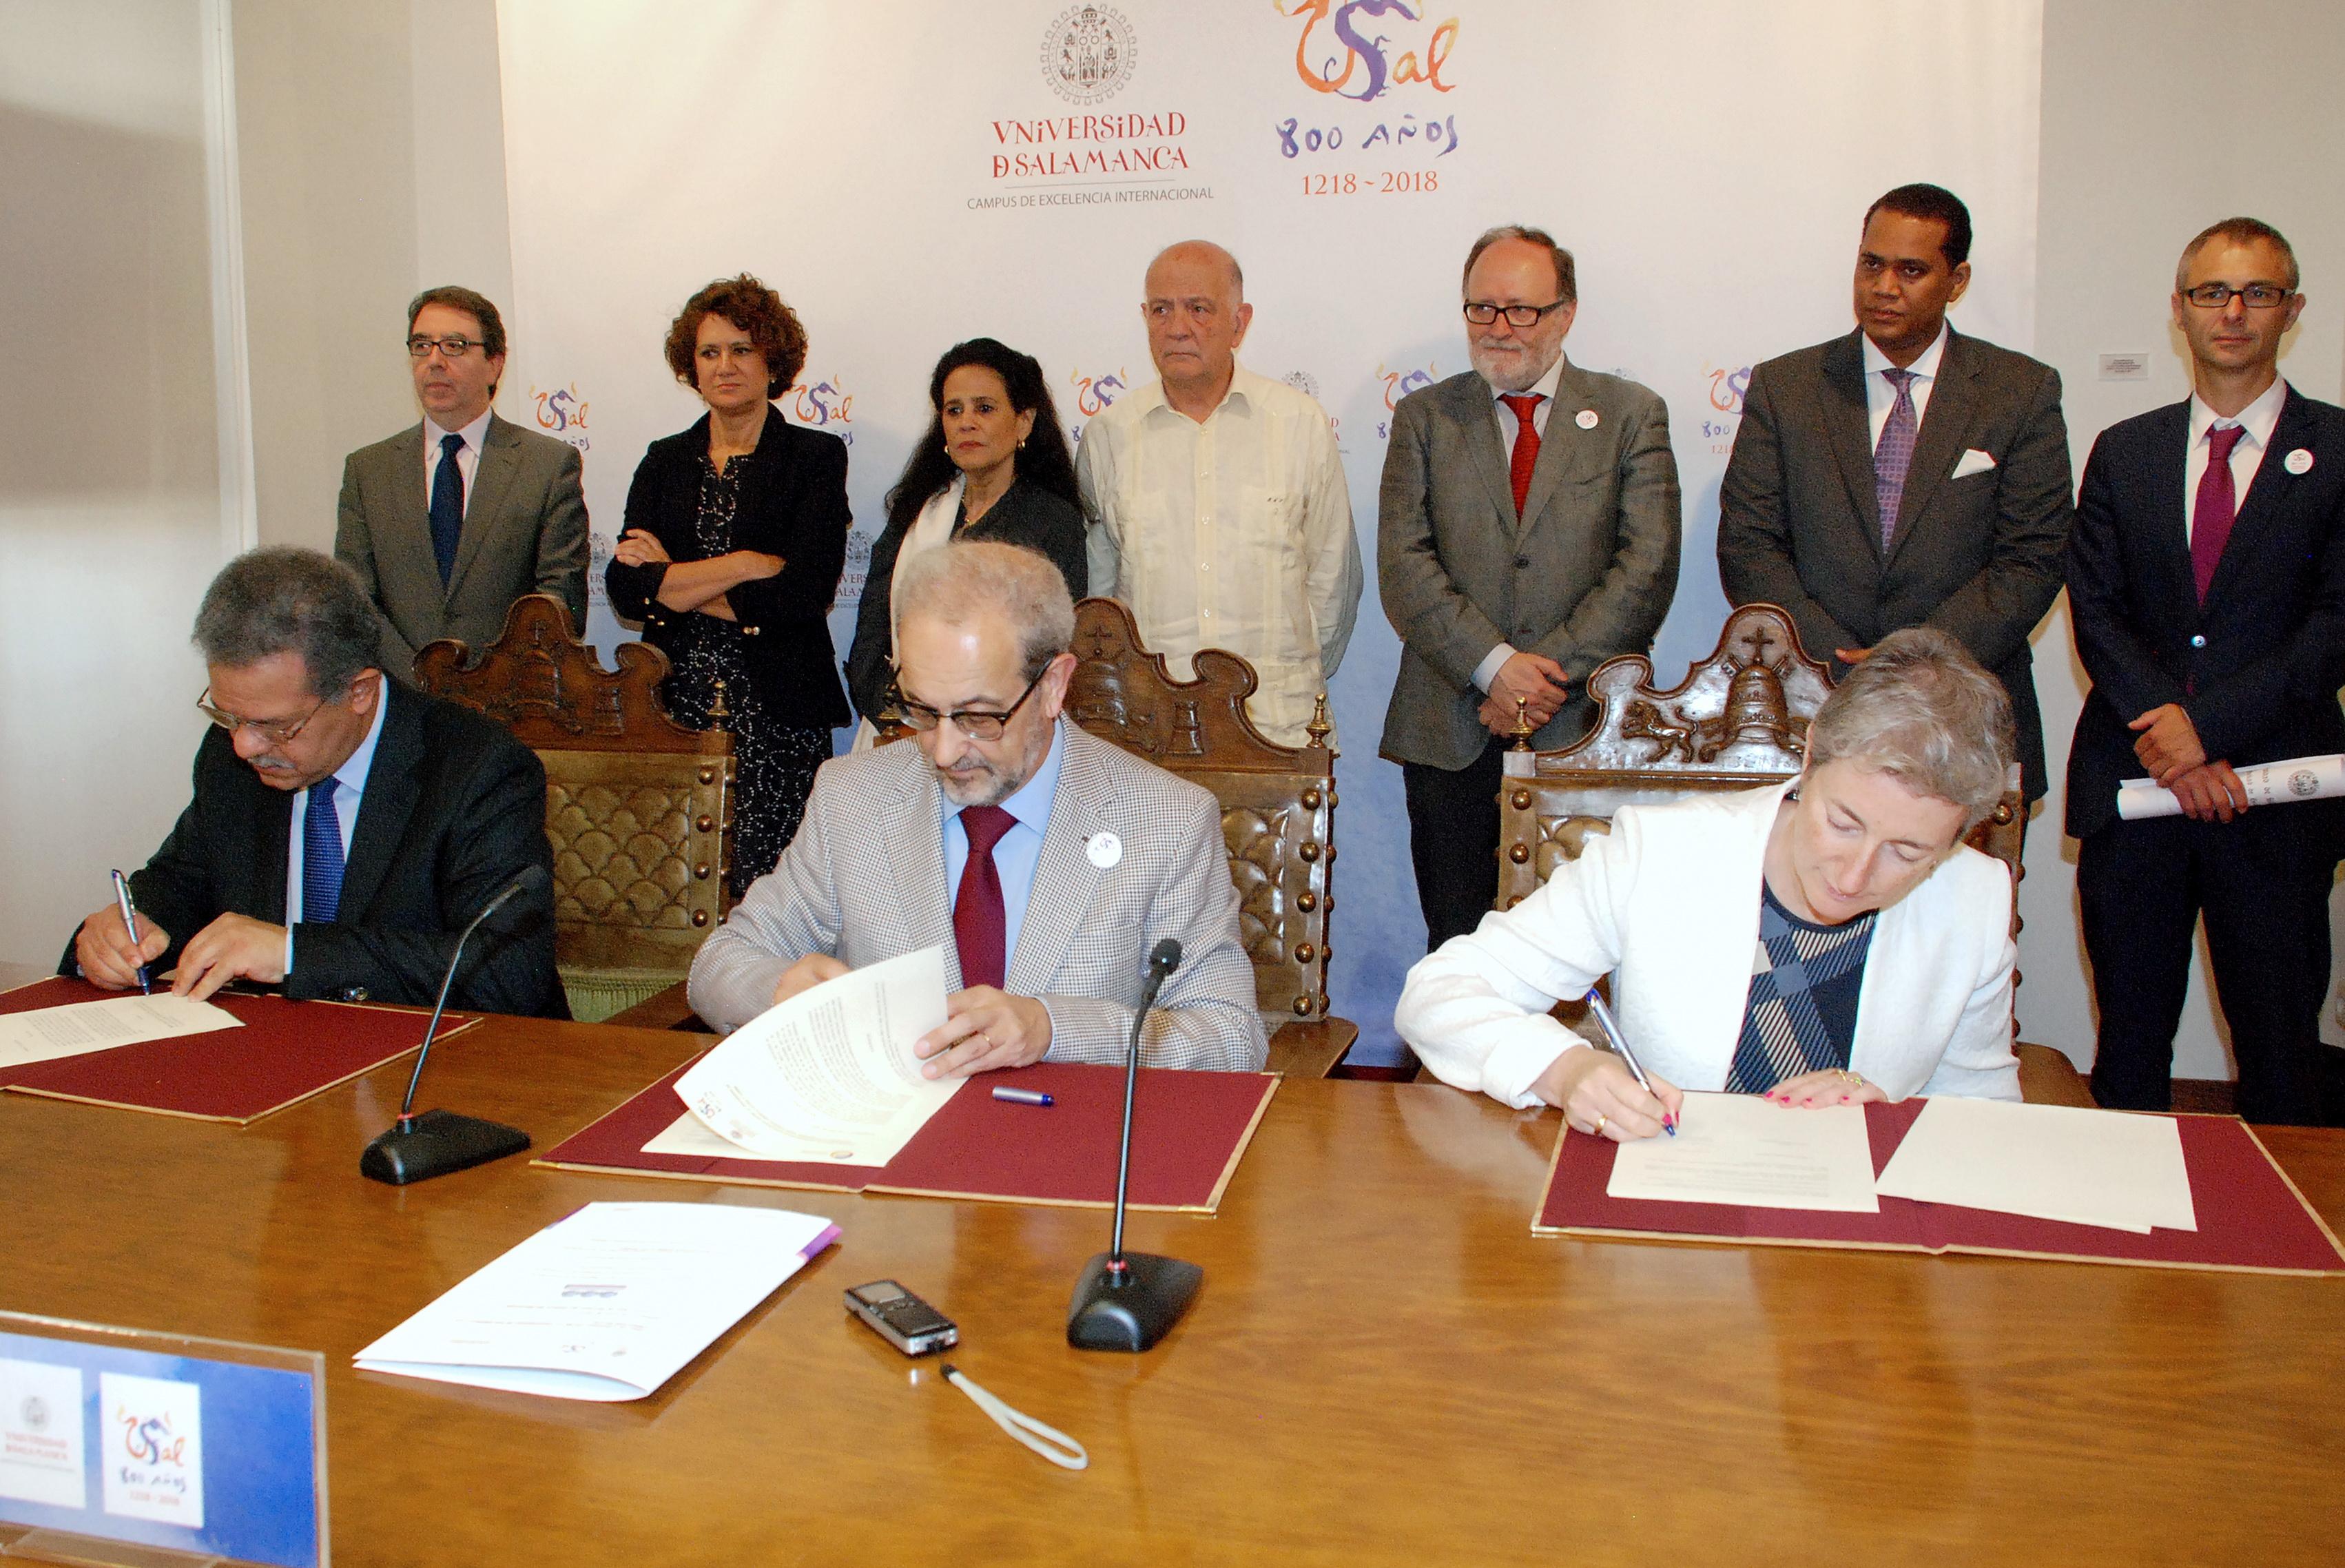 La Universidad de Salamanca y la Fundación Unión Europea-América Latina y Caribe unen sus fuerzas para impulsar el espacio latinoamericano de Educación Superior